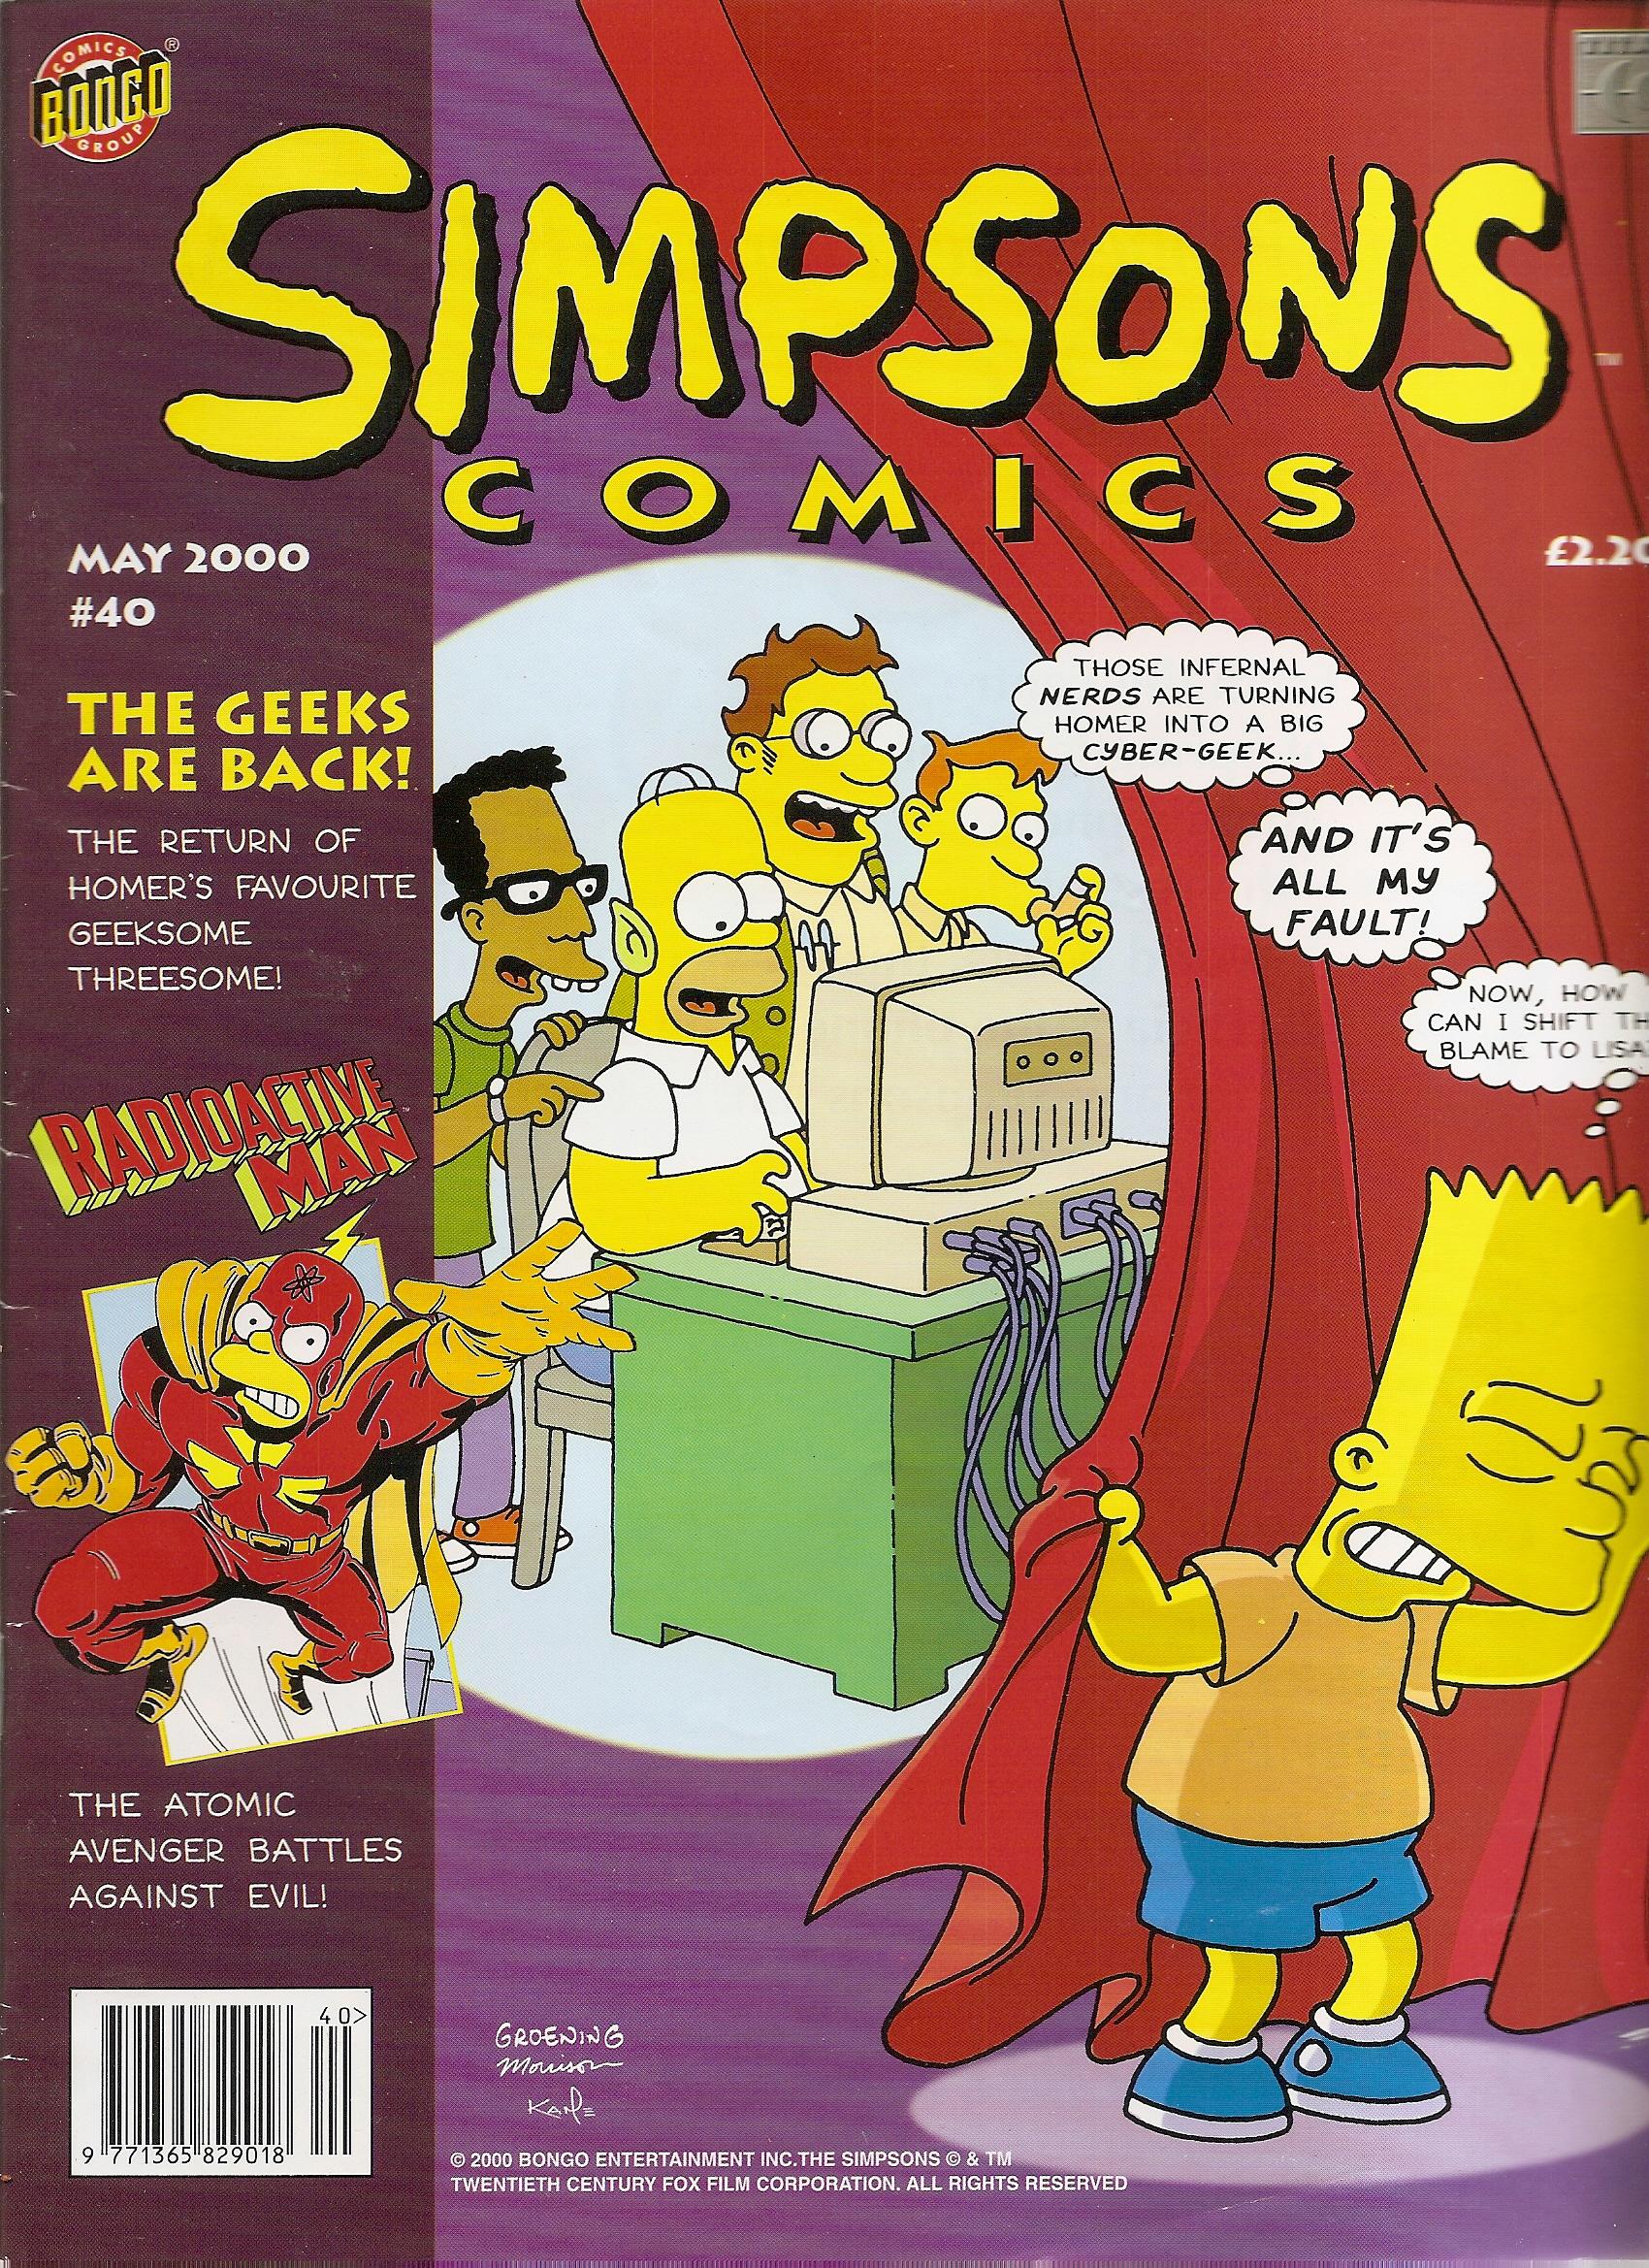 Simpsons Comics 40 UK.jpeg